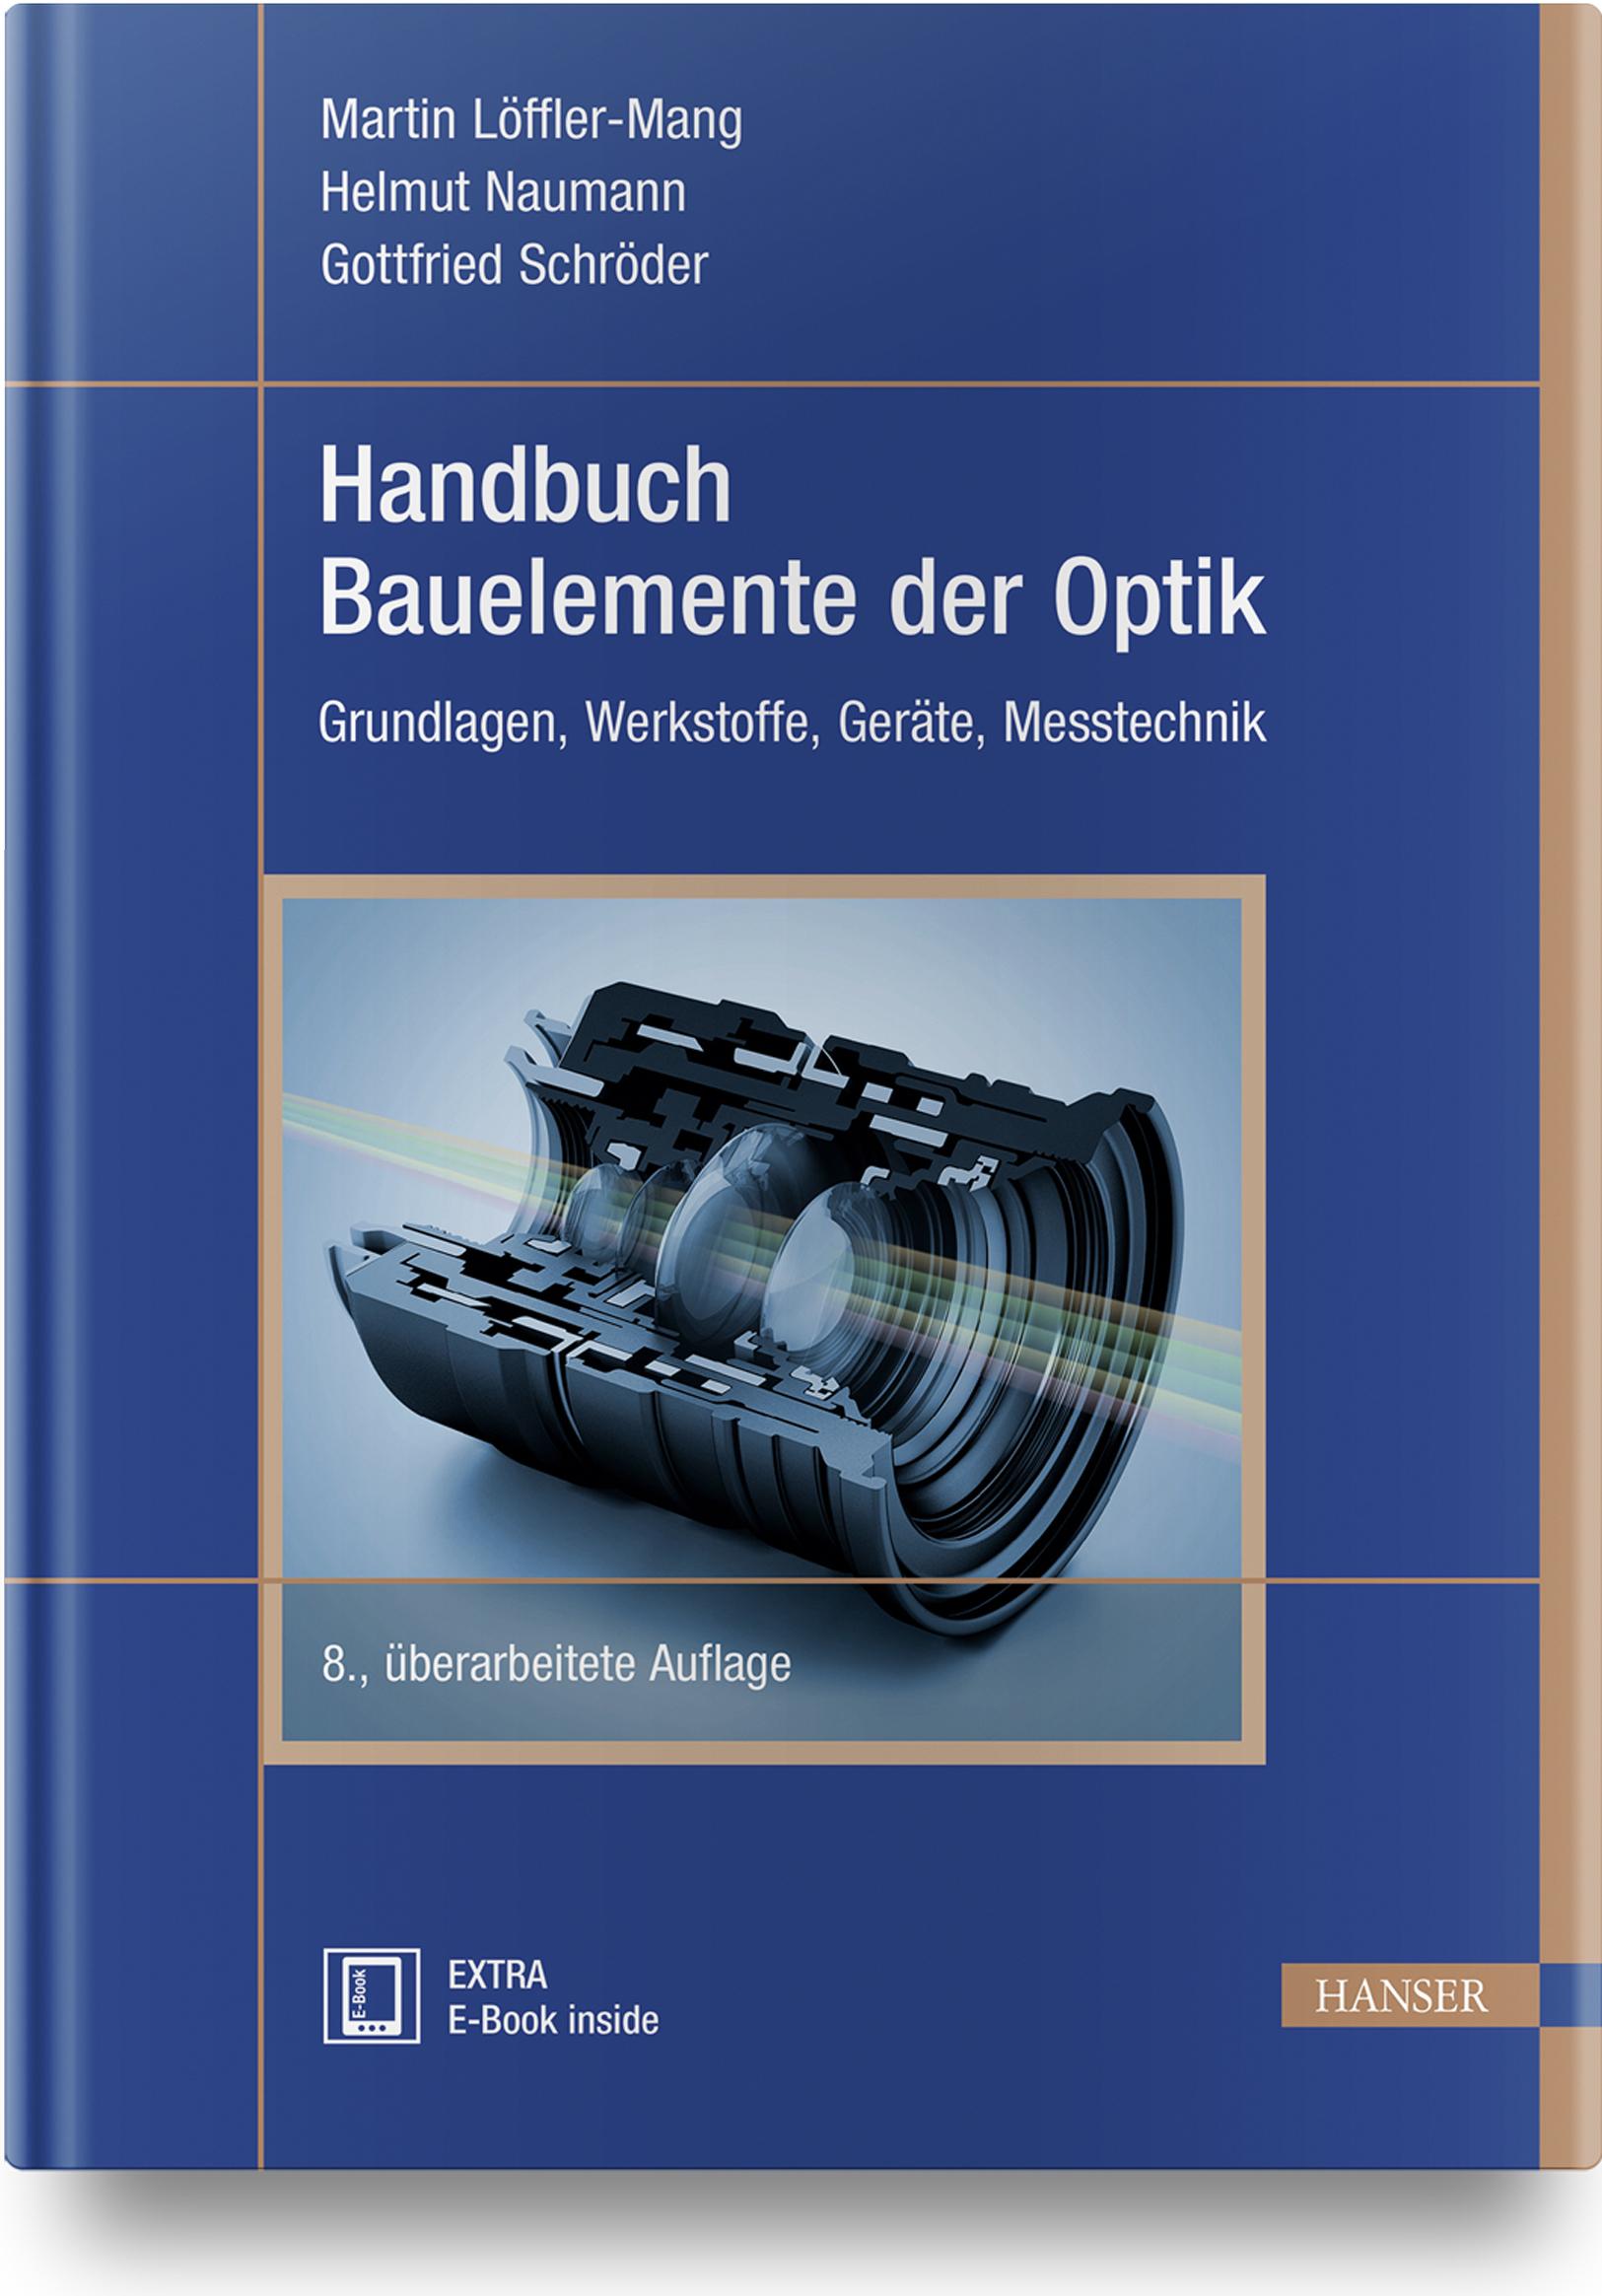 Handbuch Bauelemente der Optik, 978-3-446-46032-4